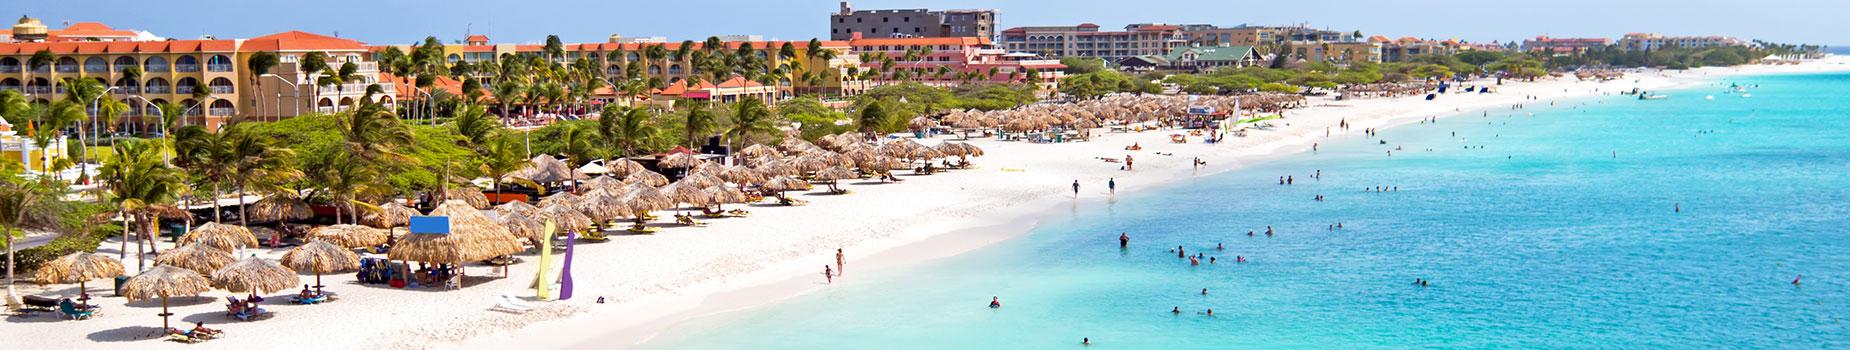 All Inclusive Aruba